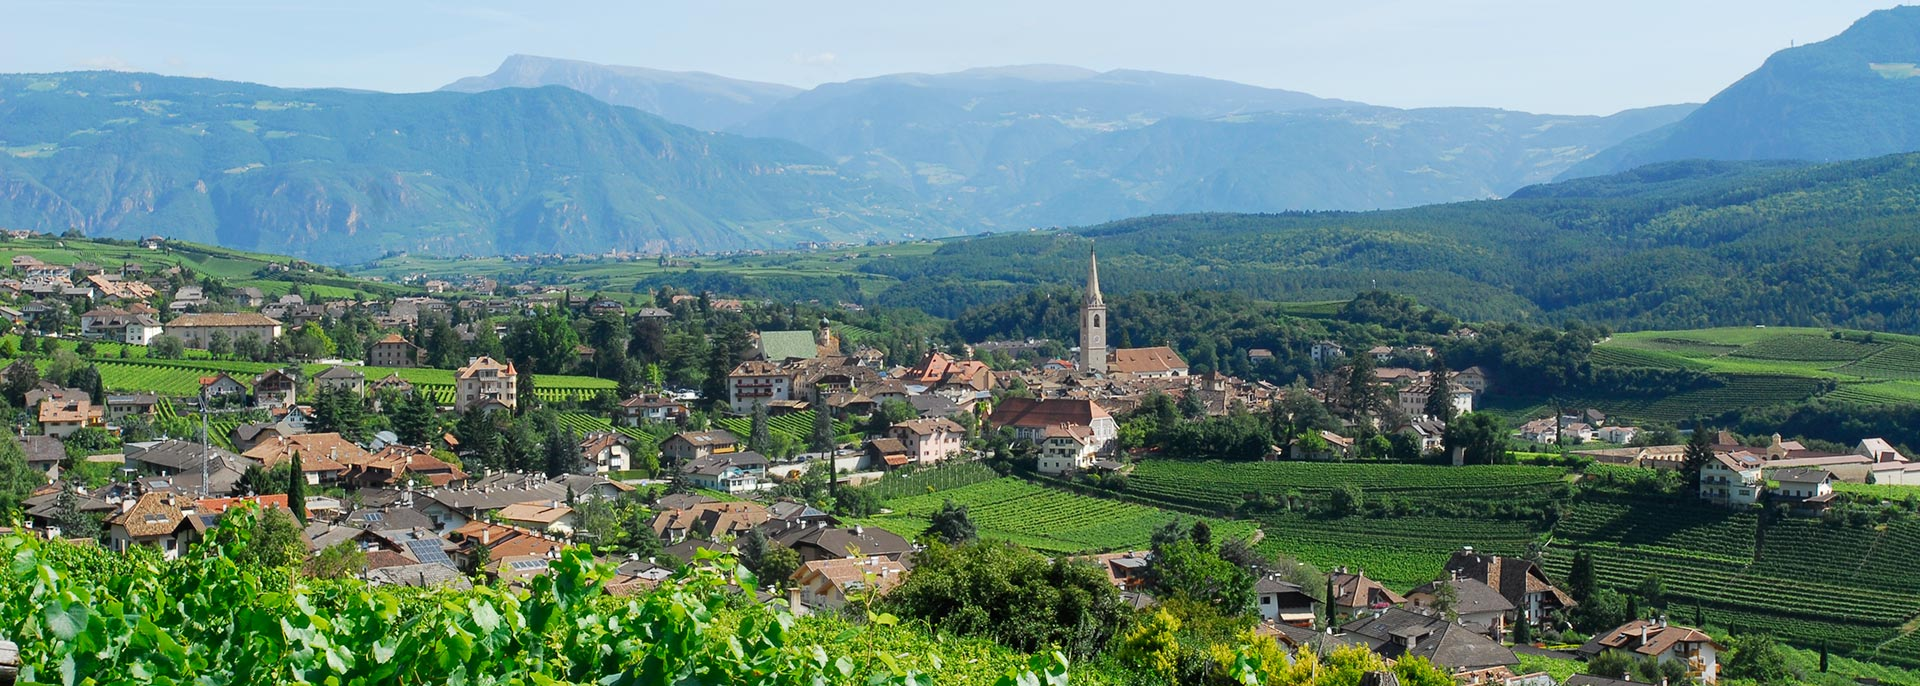 Panorama Kaltern an der Weinstrasse Südtirol - Ihr Hotel in Kaltern am See